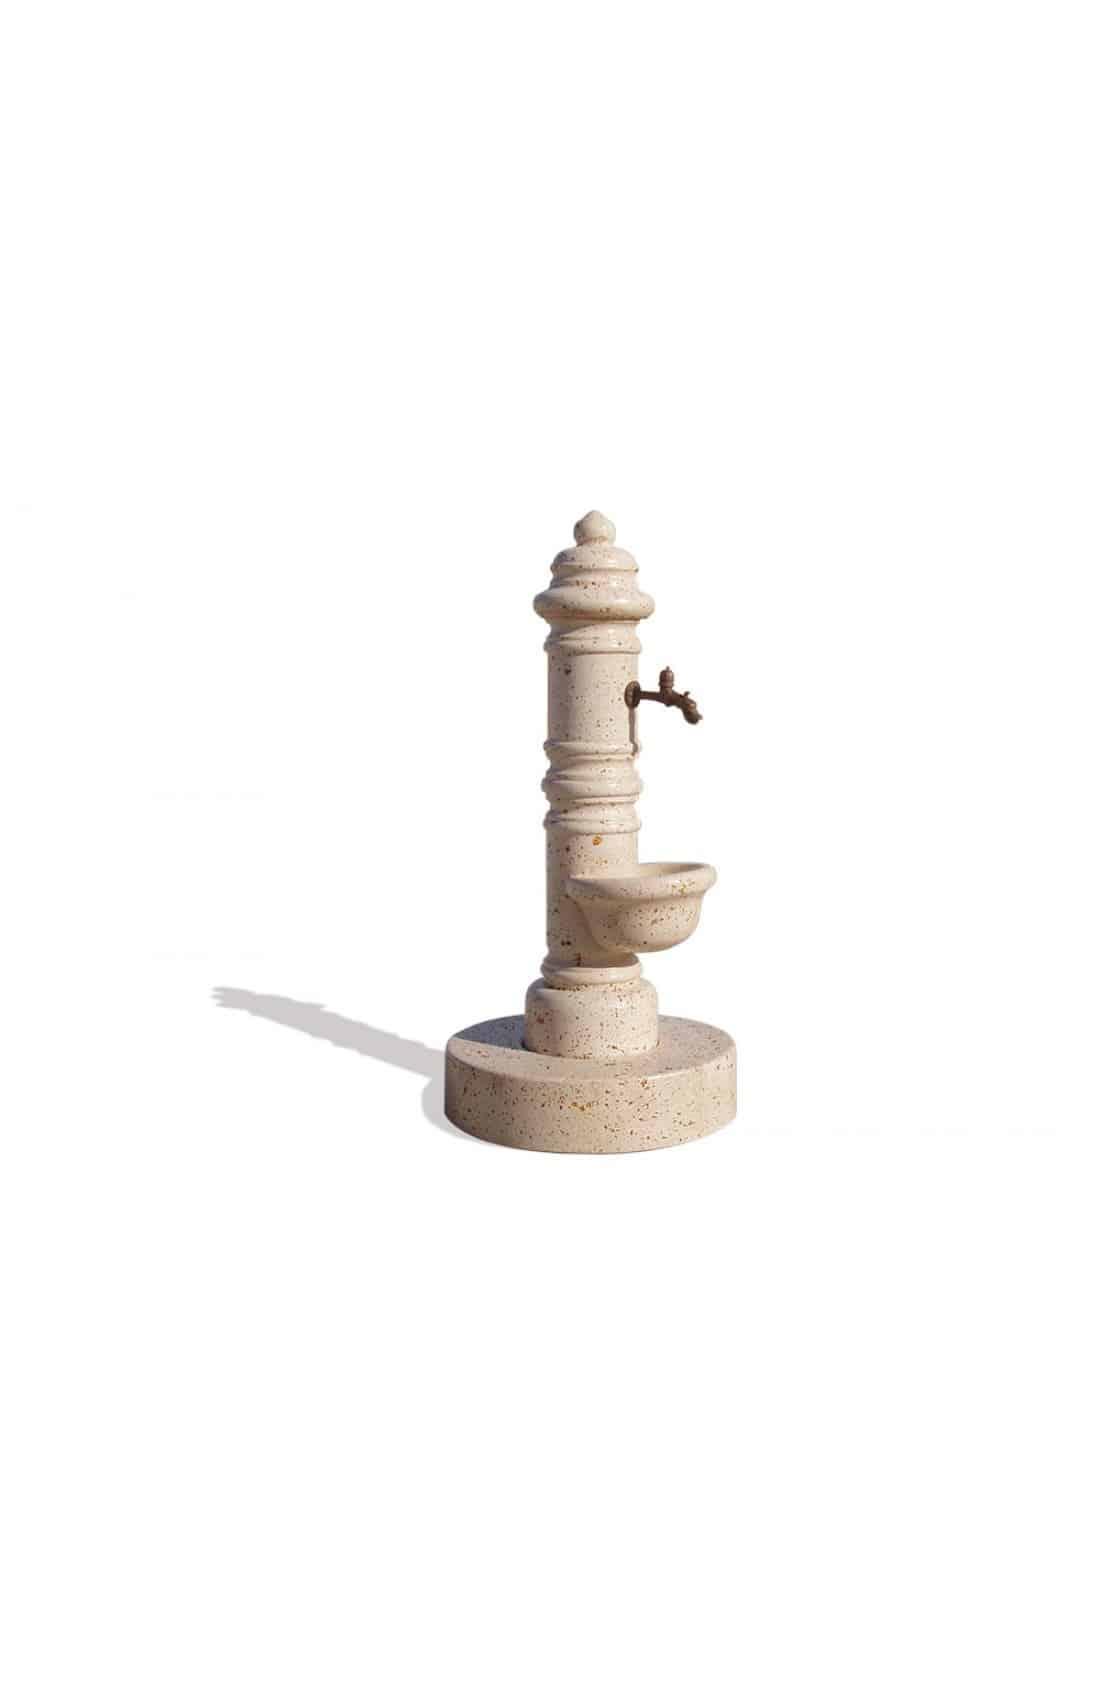 Trinkbrunnen mit Auffangschale auf halber Höhe